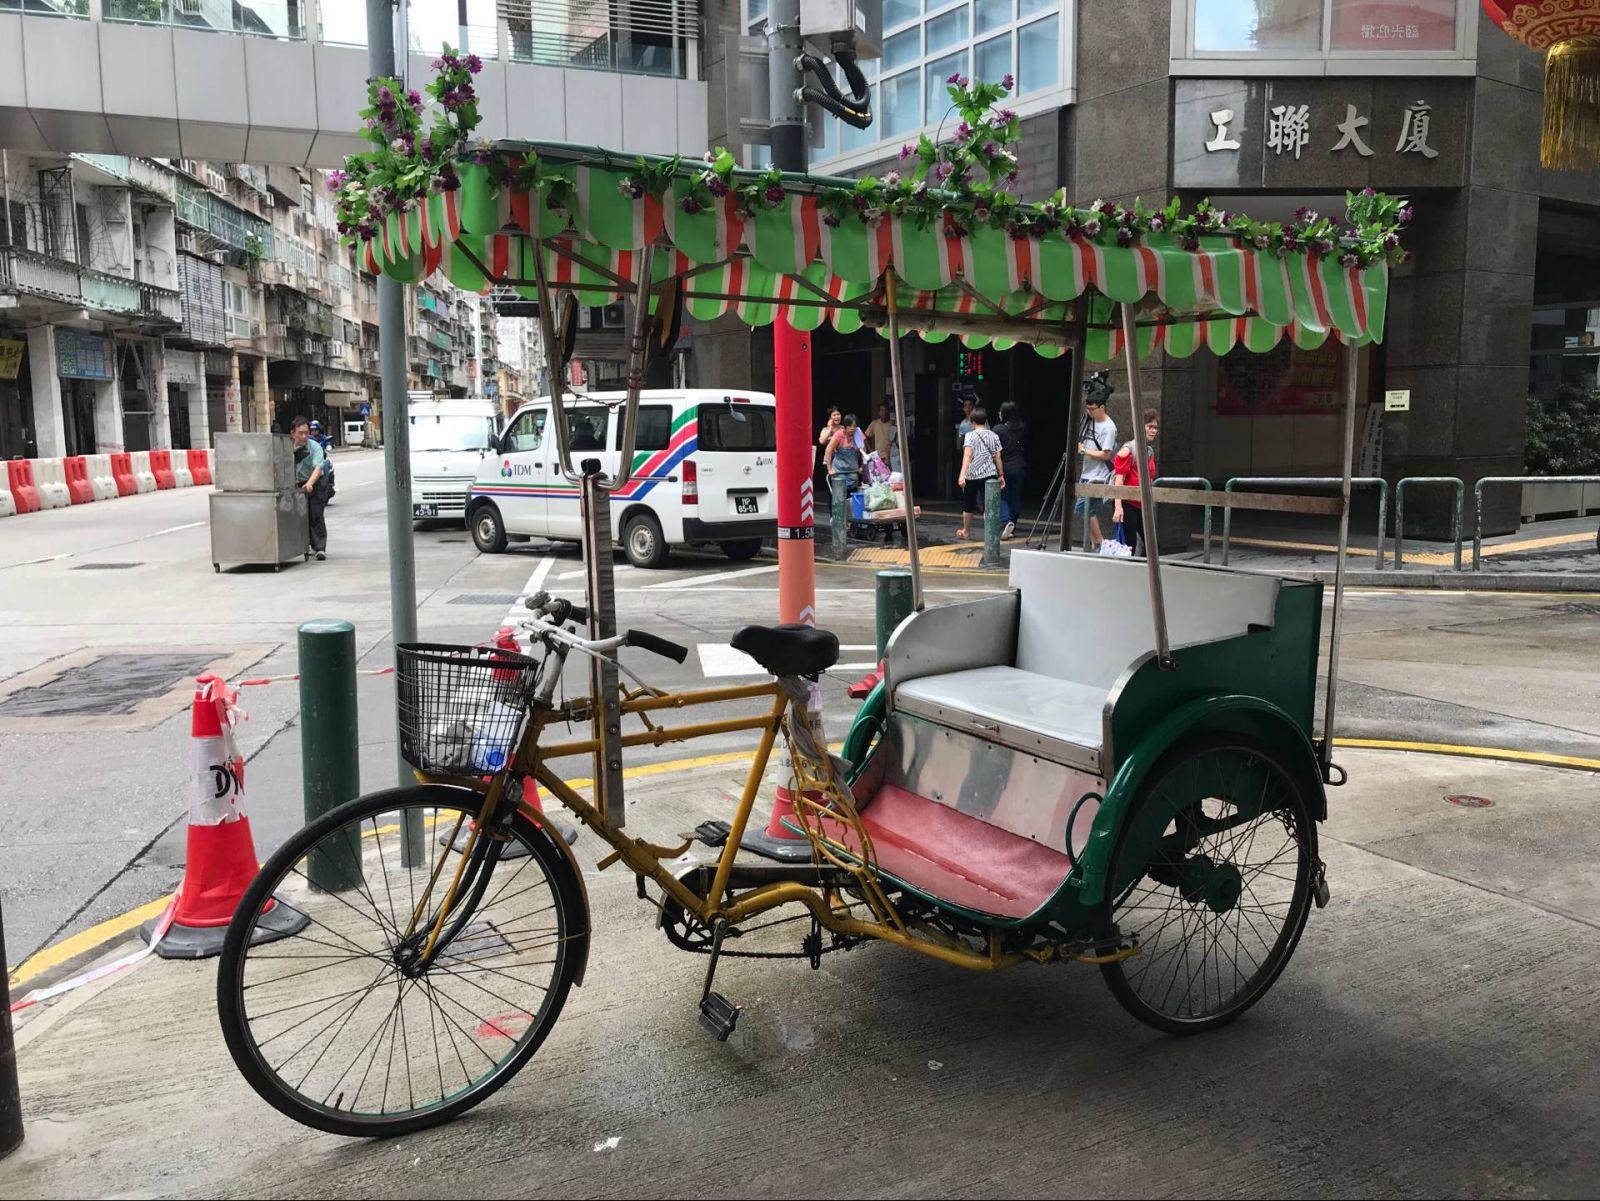 三輪車工會:報警追究不實言論